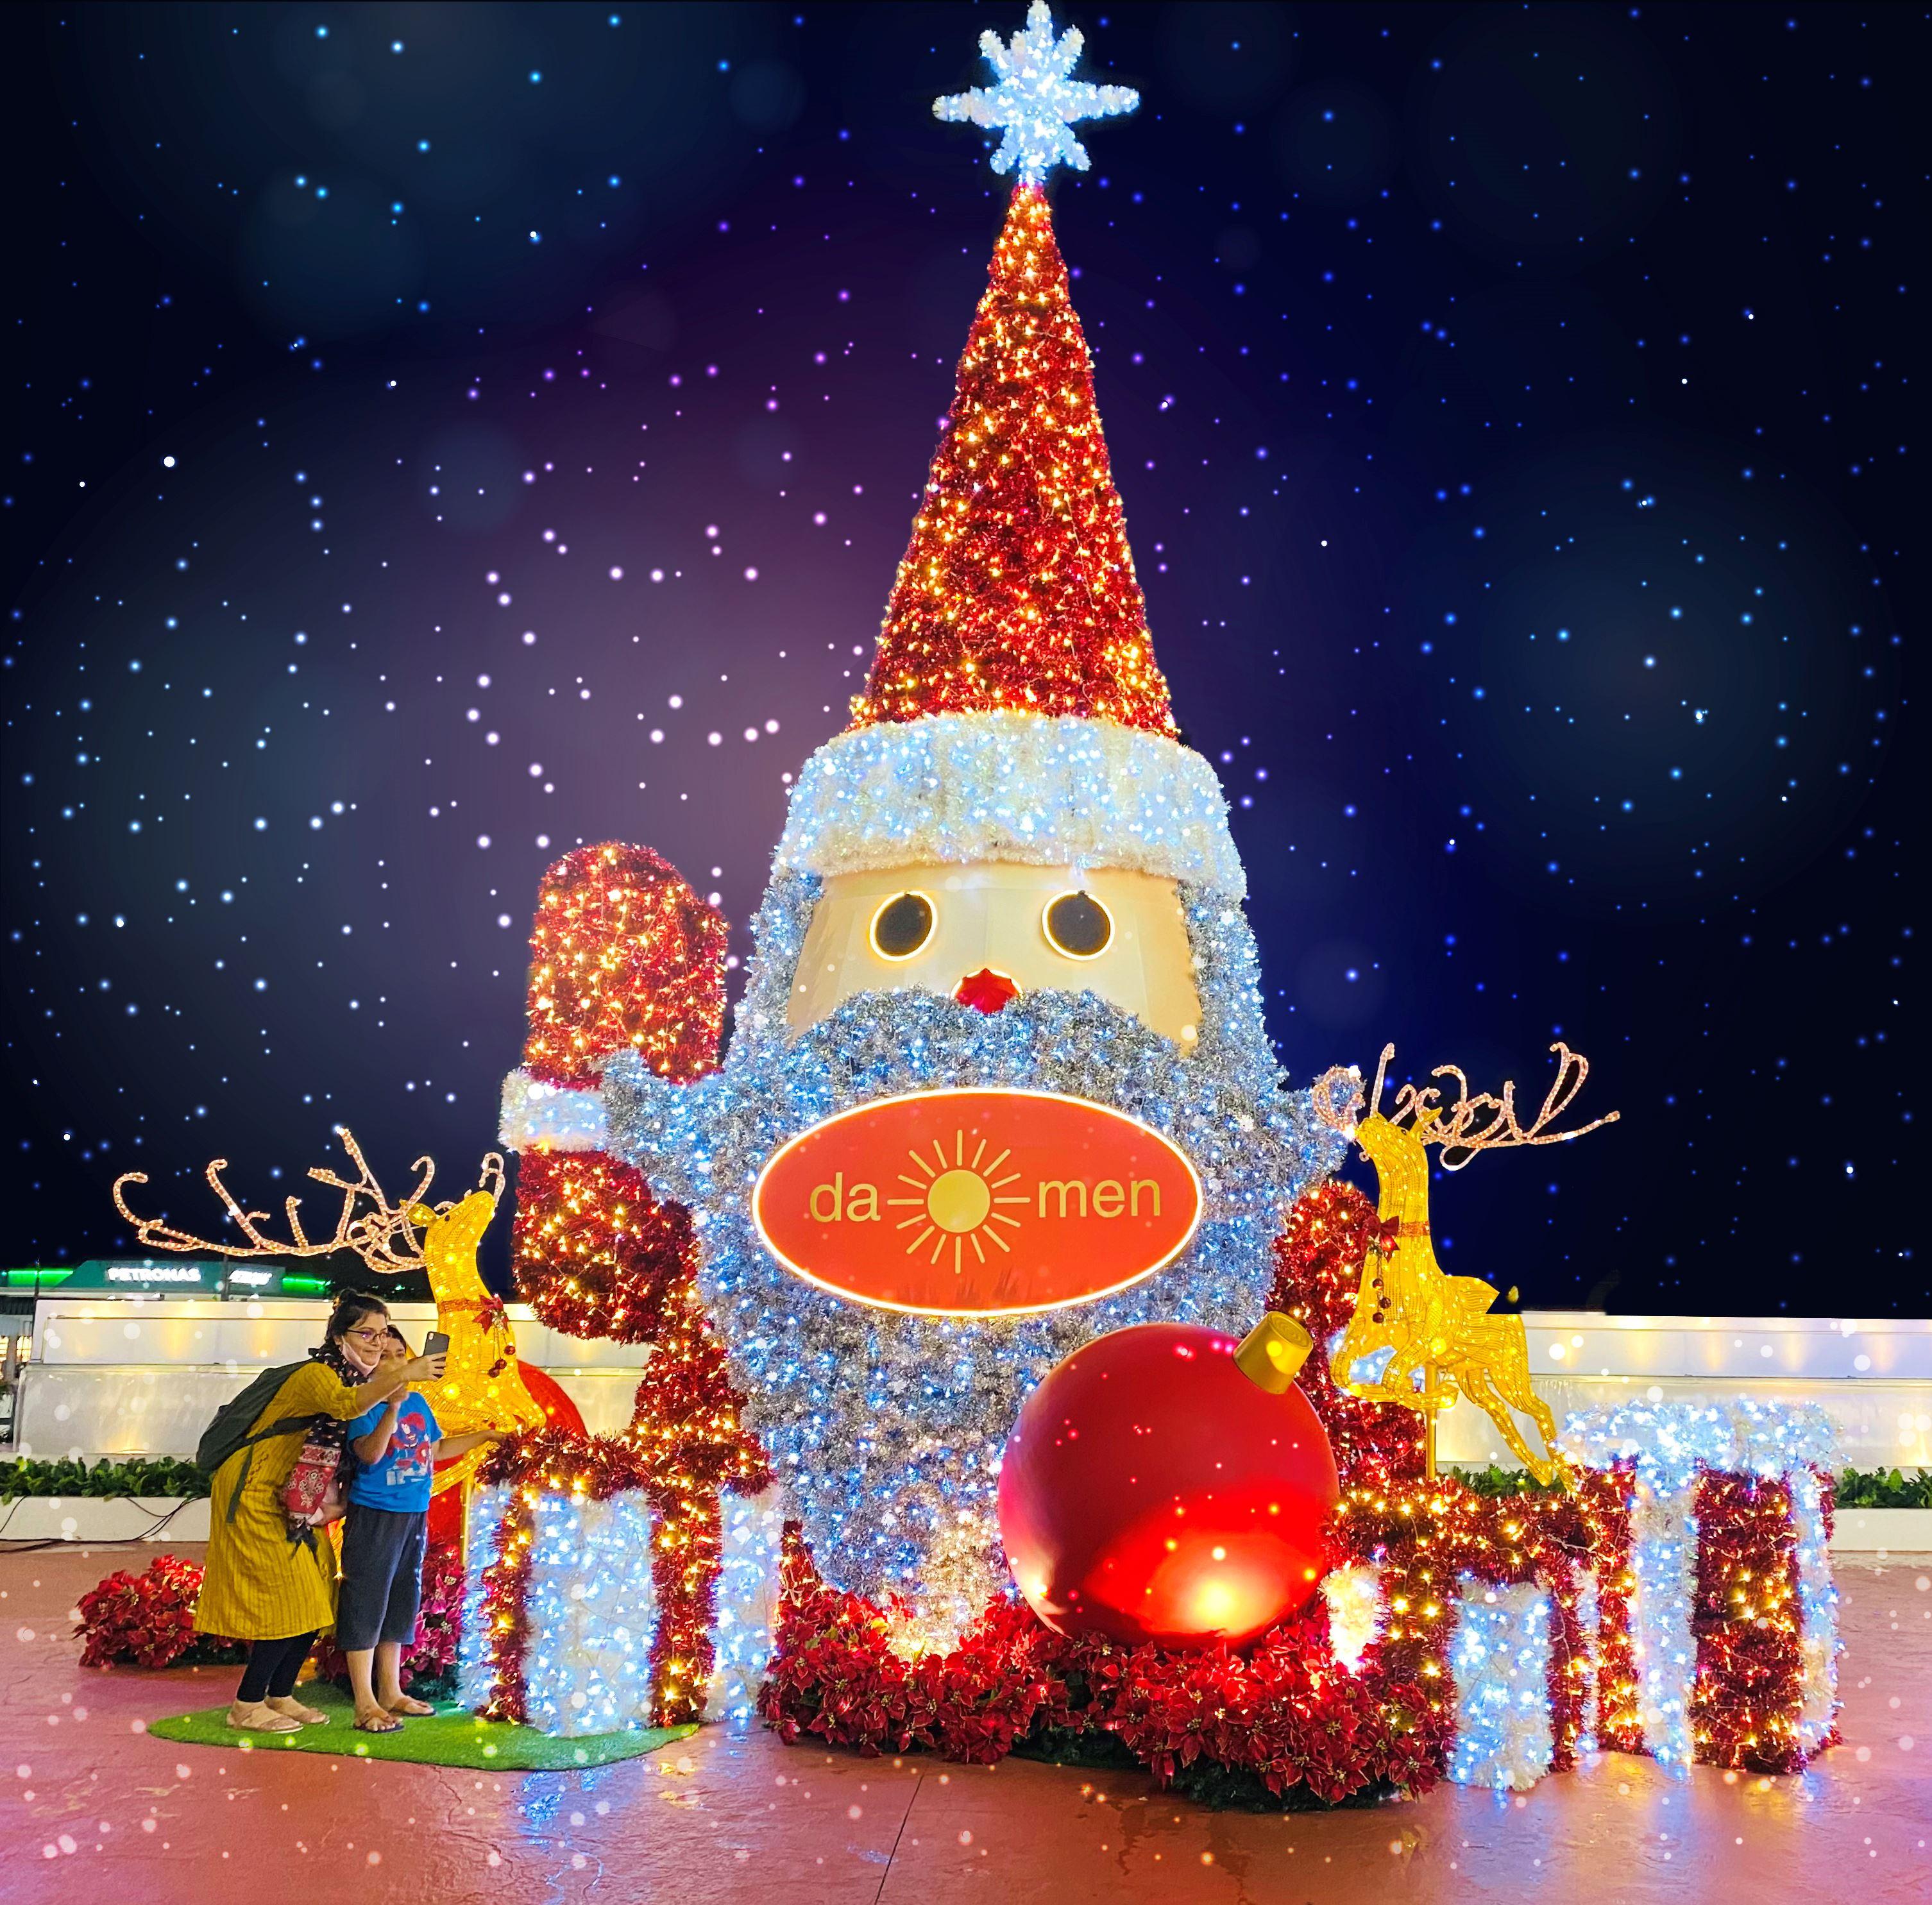 圣诞狂欢来了!pavilion购物中心以不同主题一起与民众欢庆圣诞节!